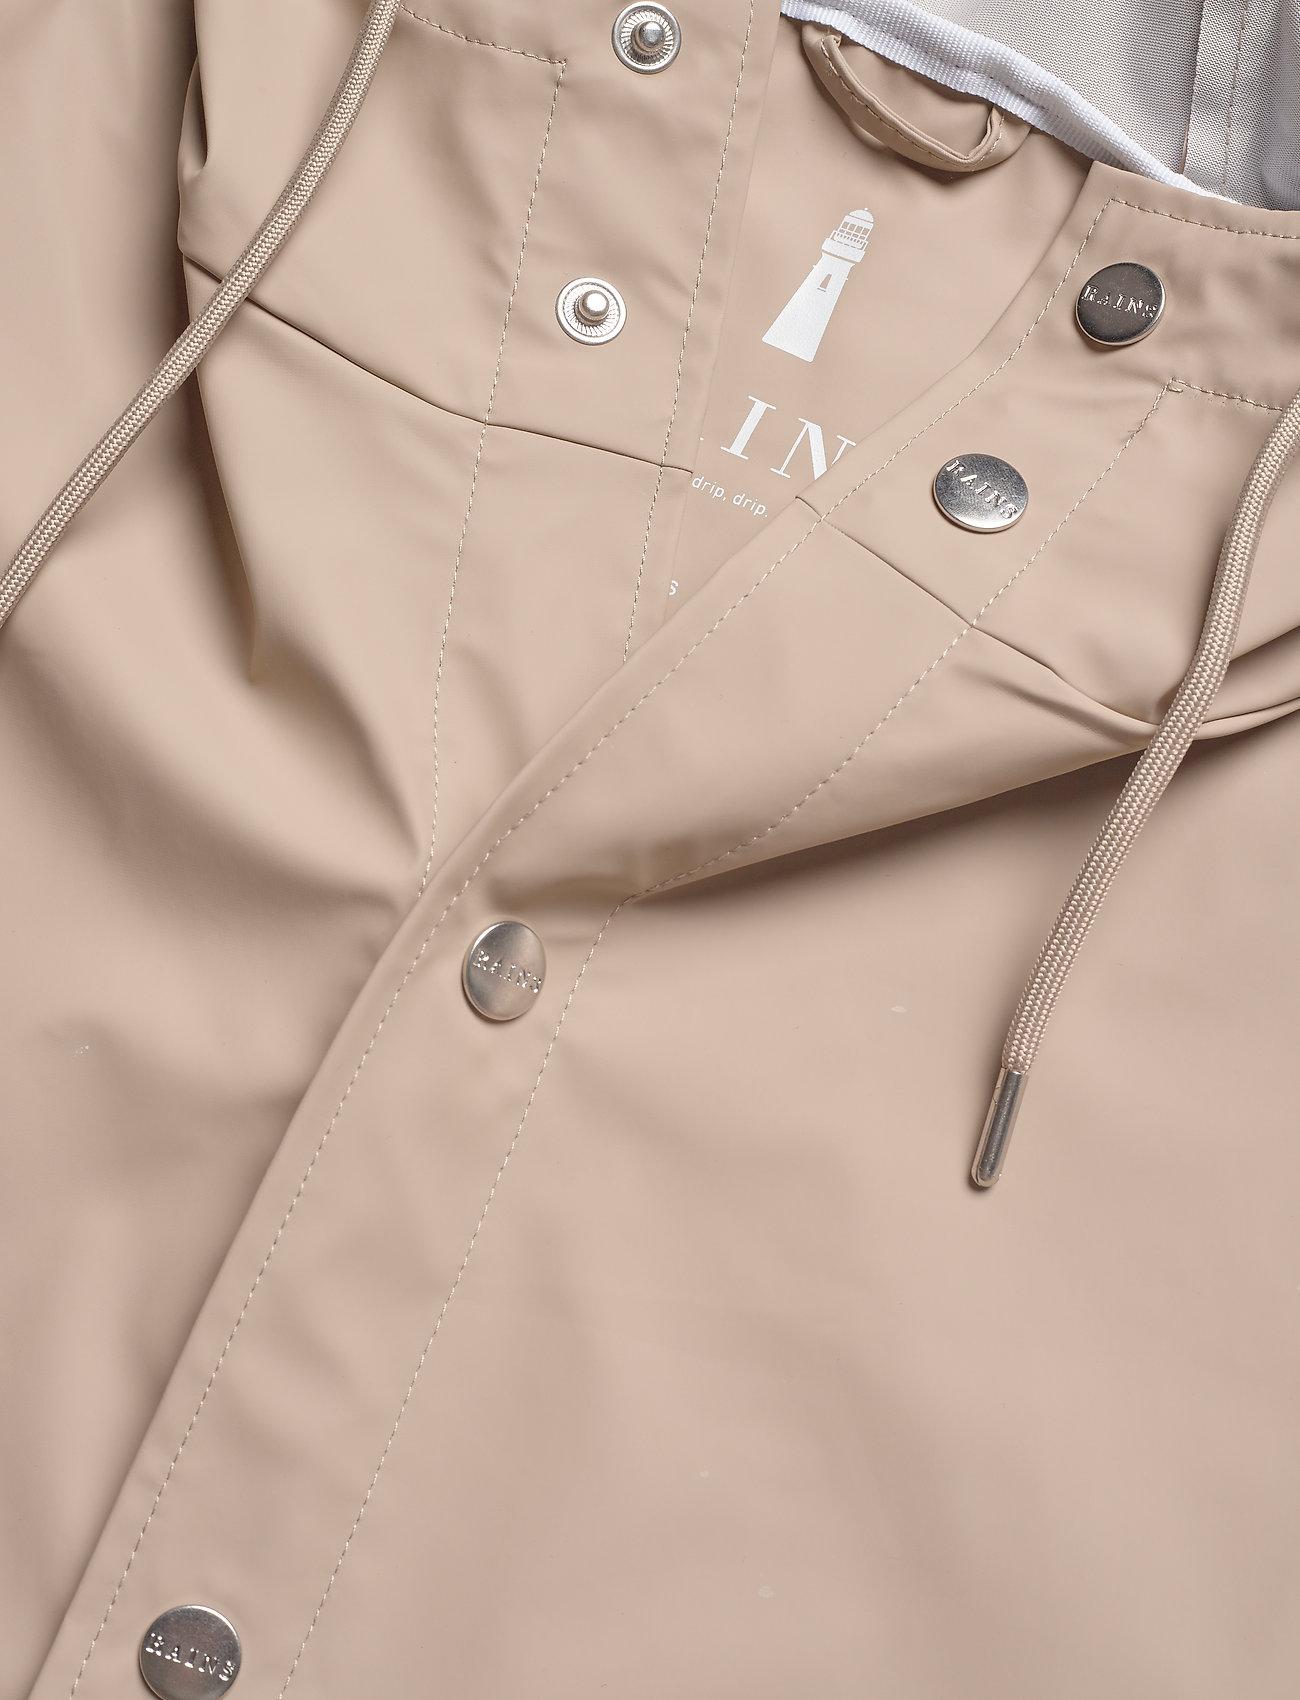 Rains Long Jacket - Jackor & Kappor